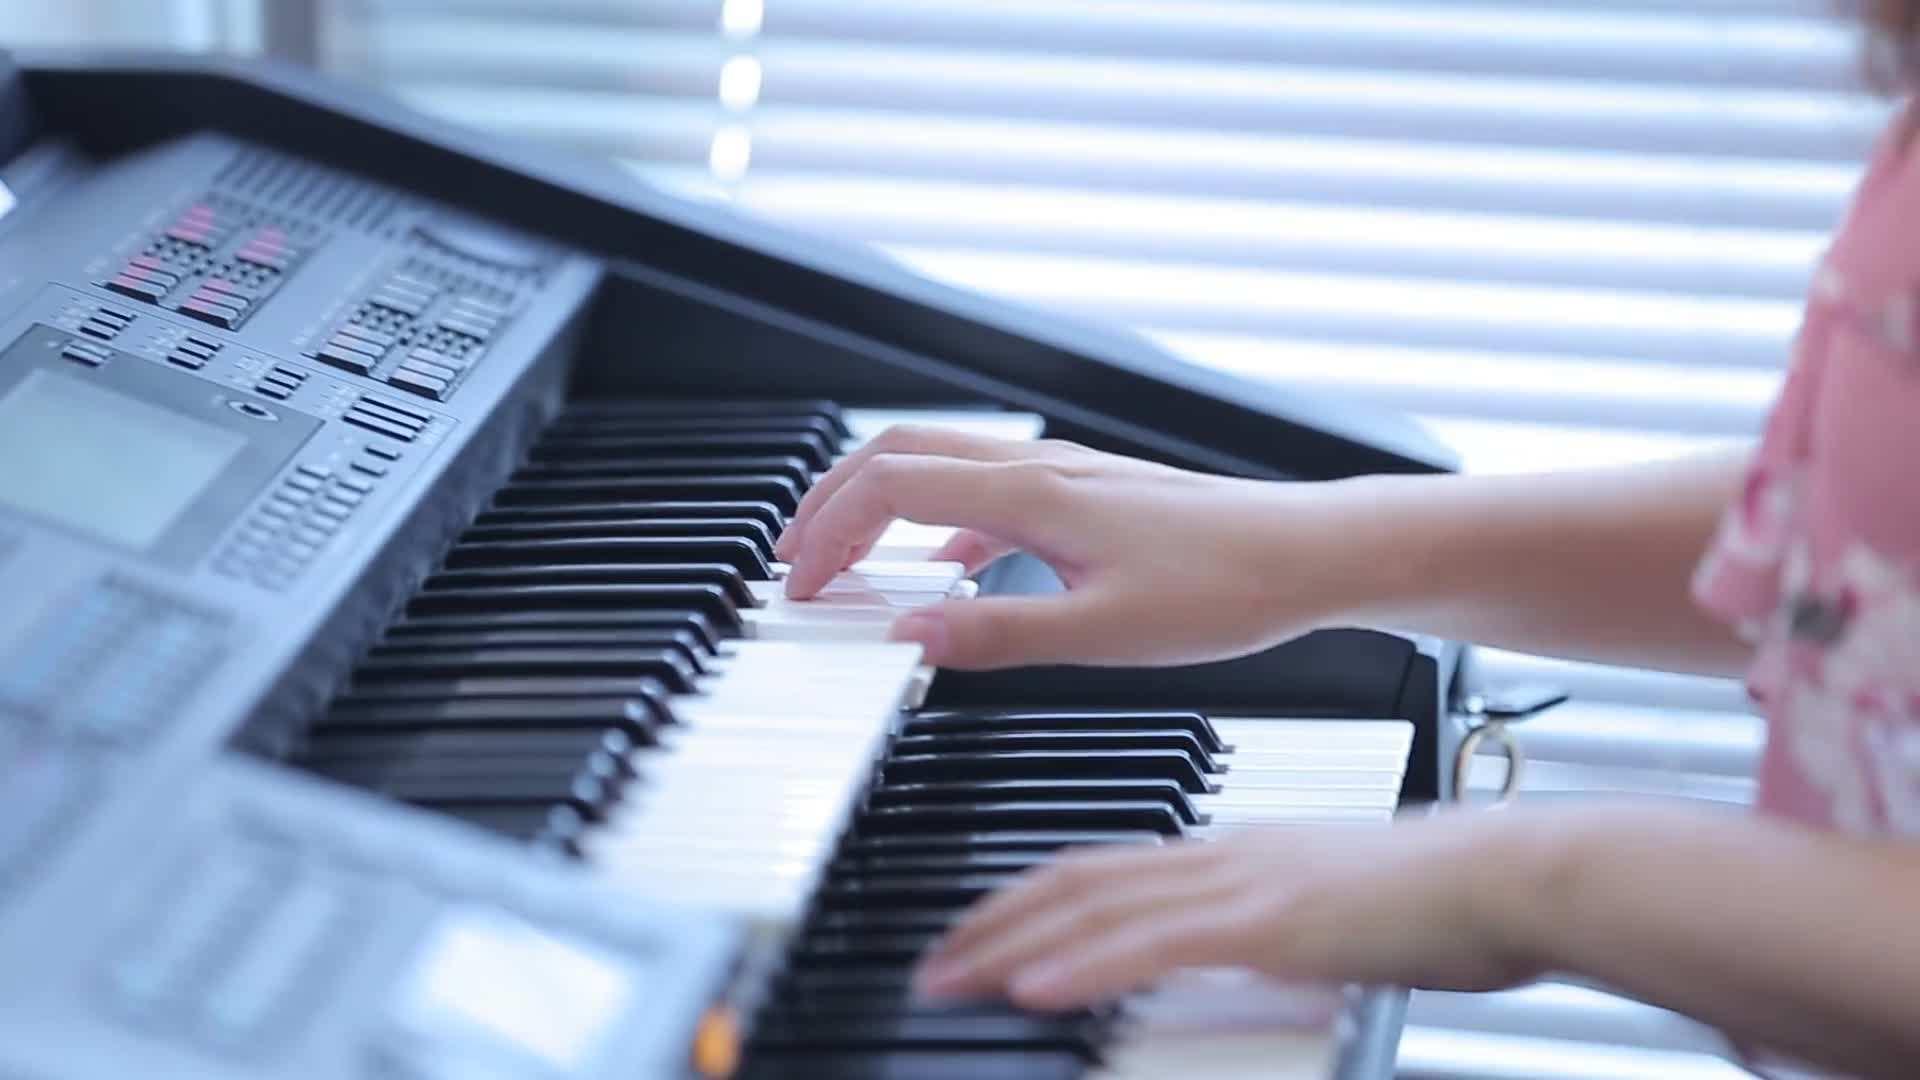 双排键到底该怎么练?四种方法教你摆脱练琴困境